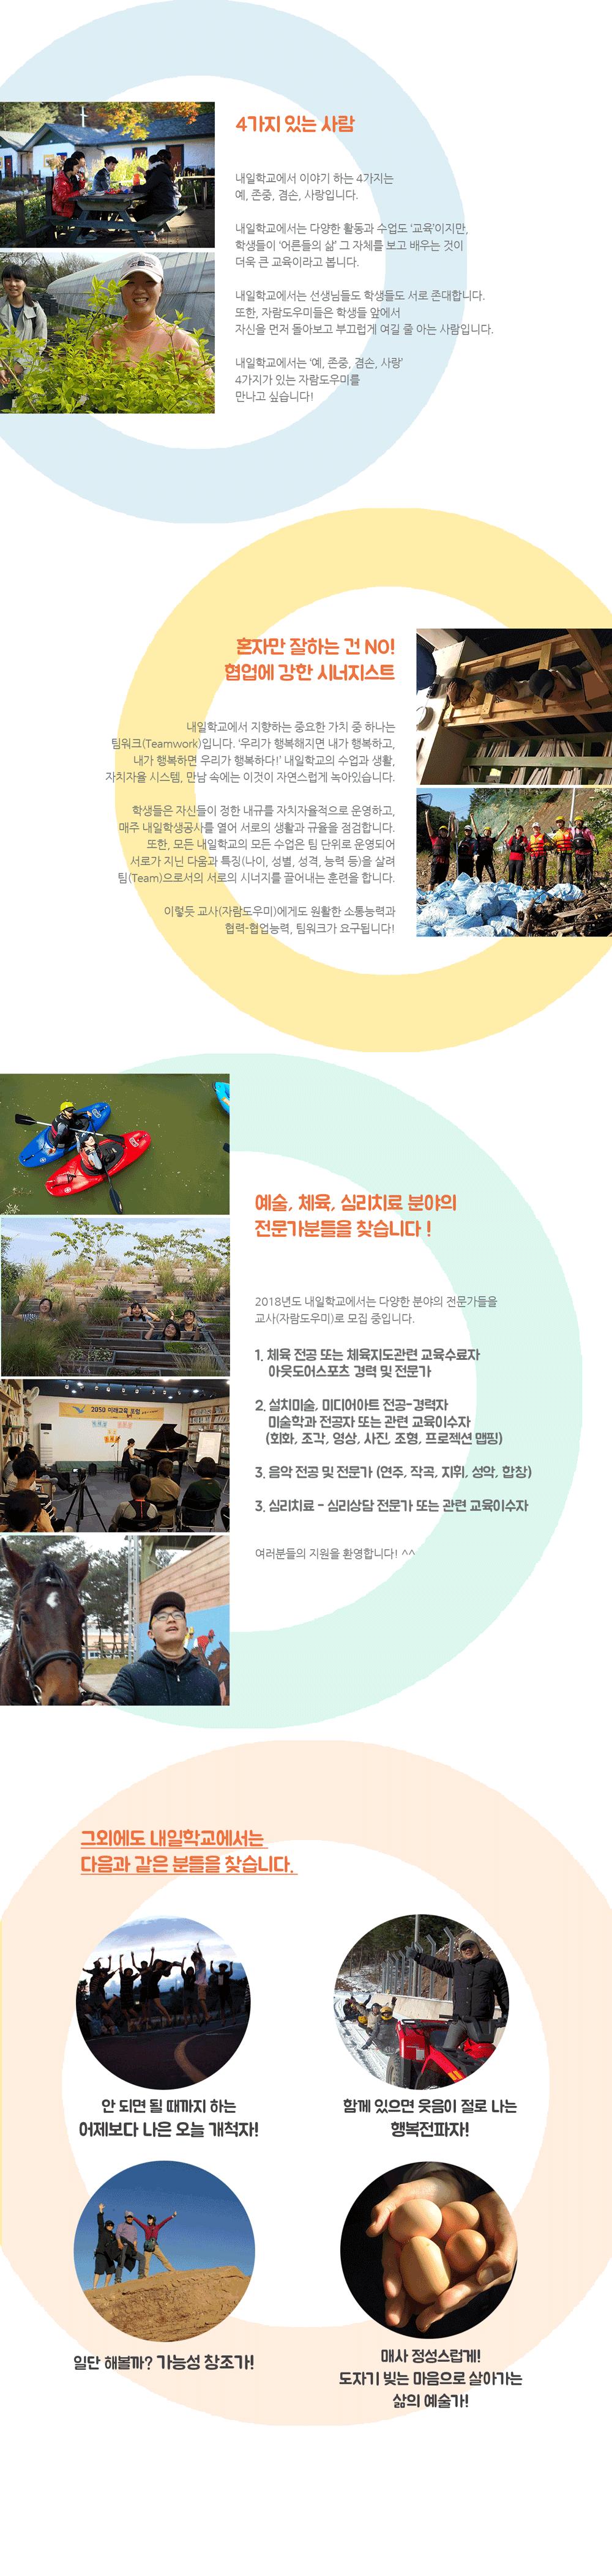 내일학교-채용공고_자람도우미-소개-2.png